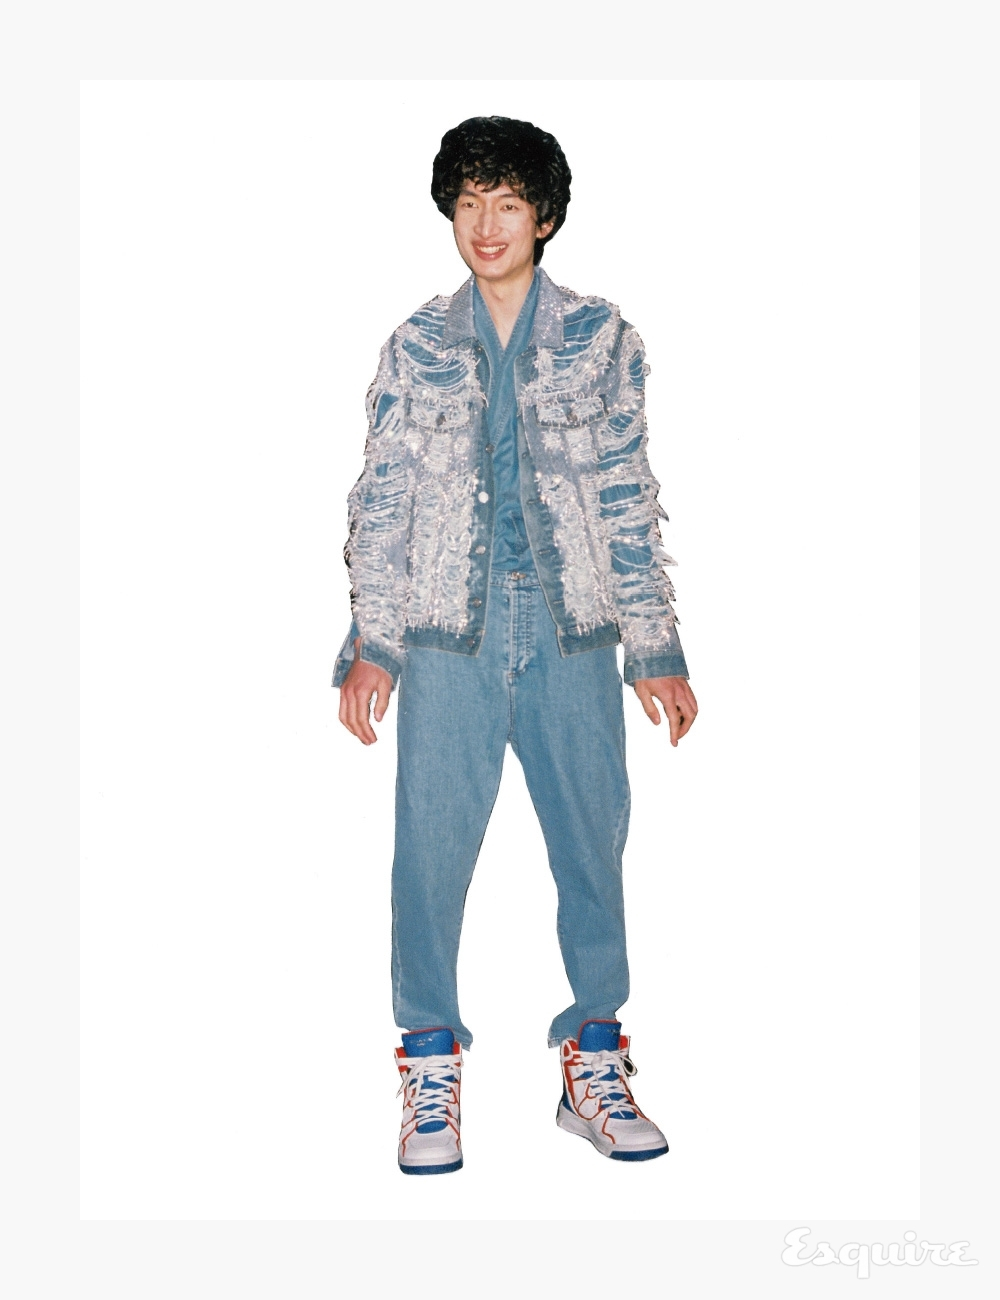 재킷, 셔츠, 청바지, 스니커즈 모두 가격 미정 발망.